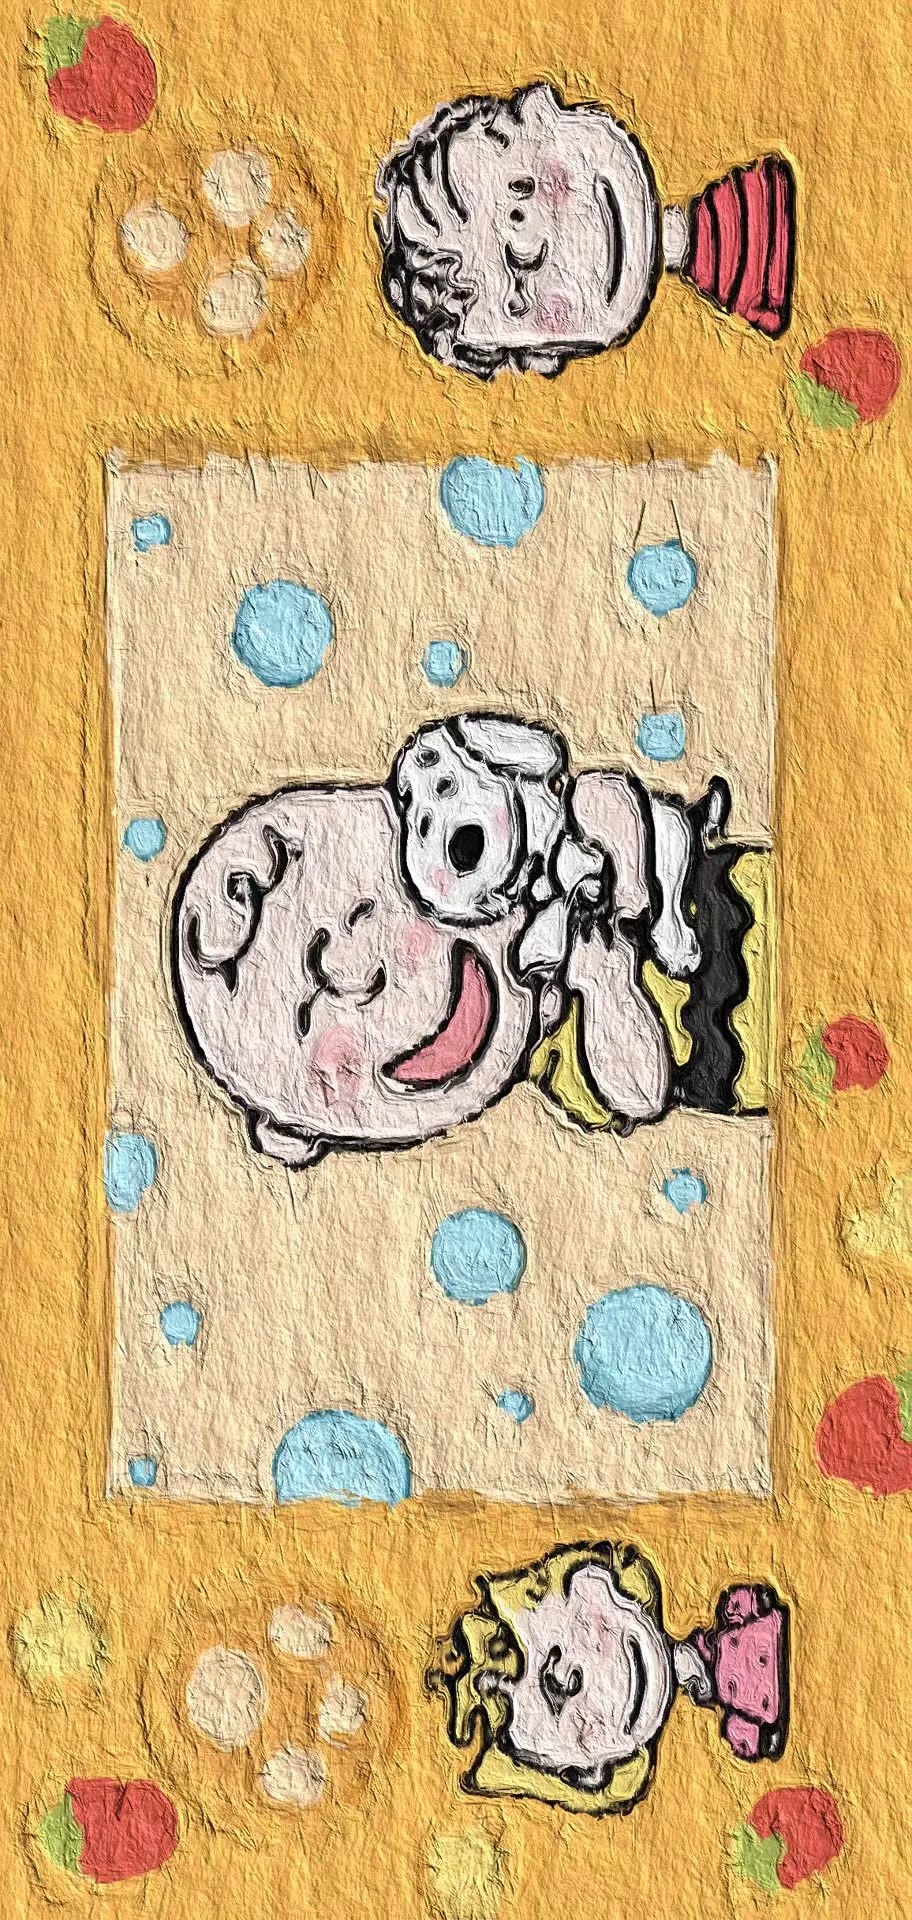 卡通动漫美图适合做微信QQ背景图 第11张图片